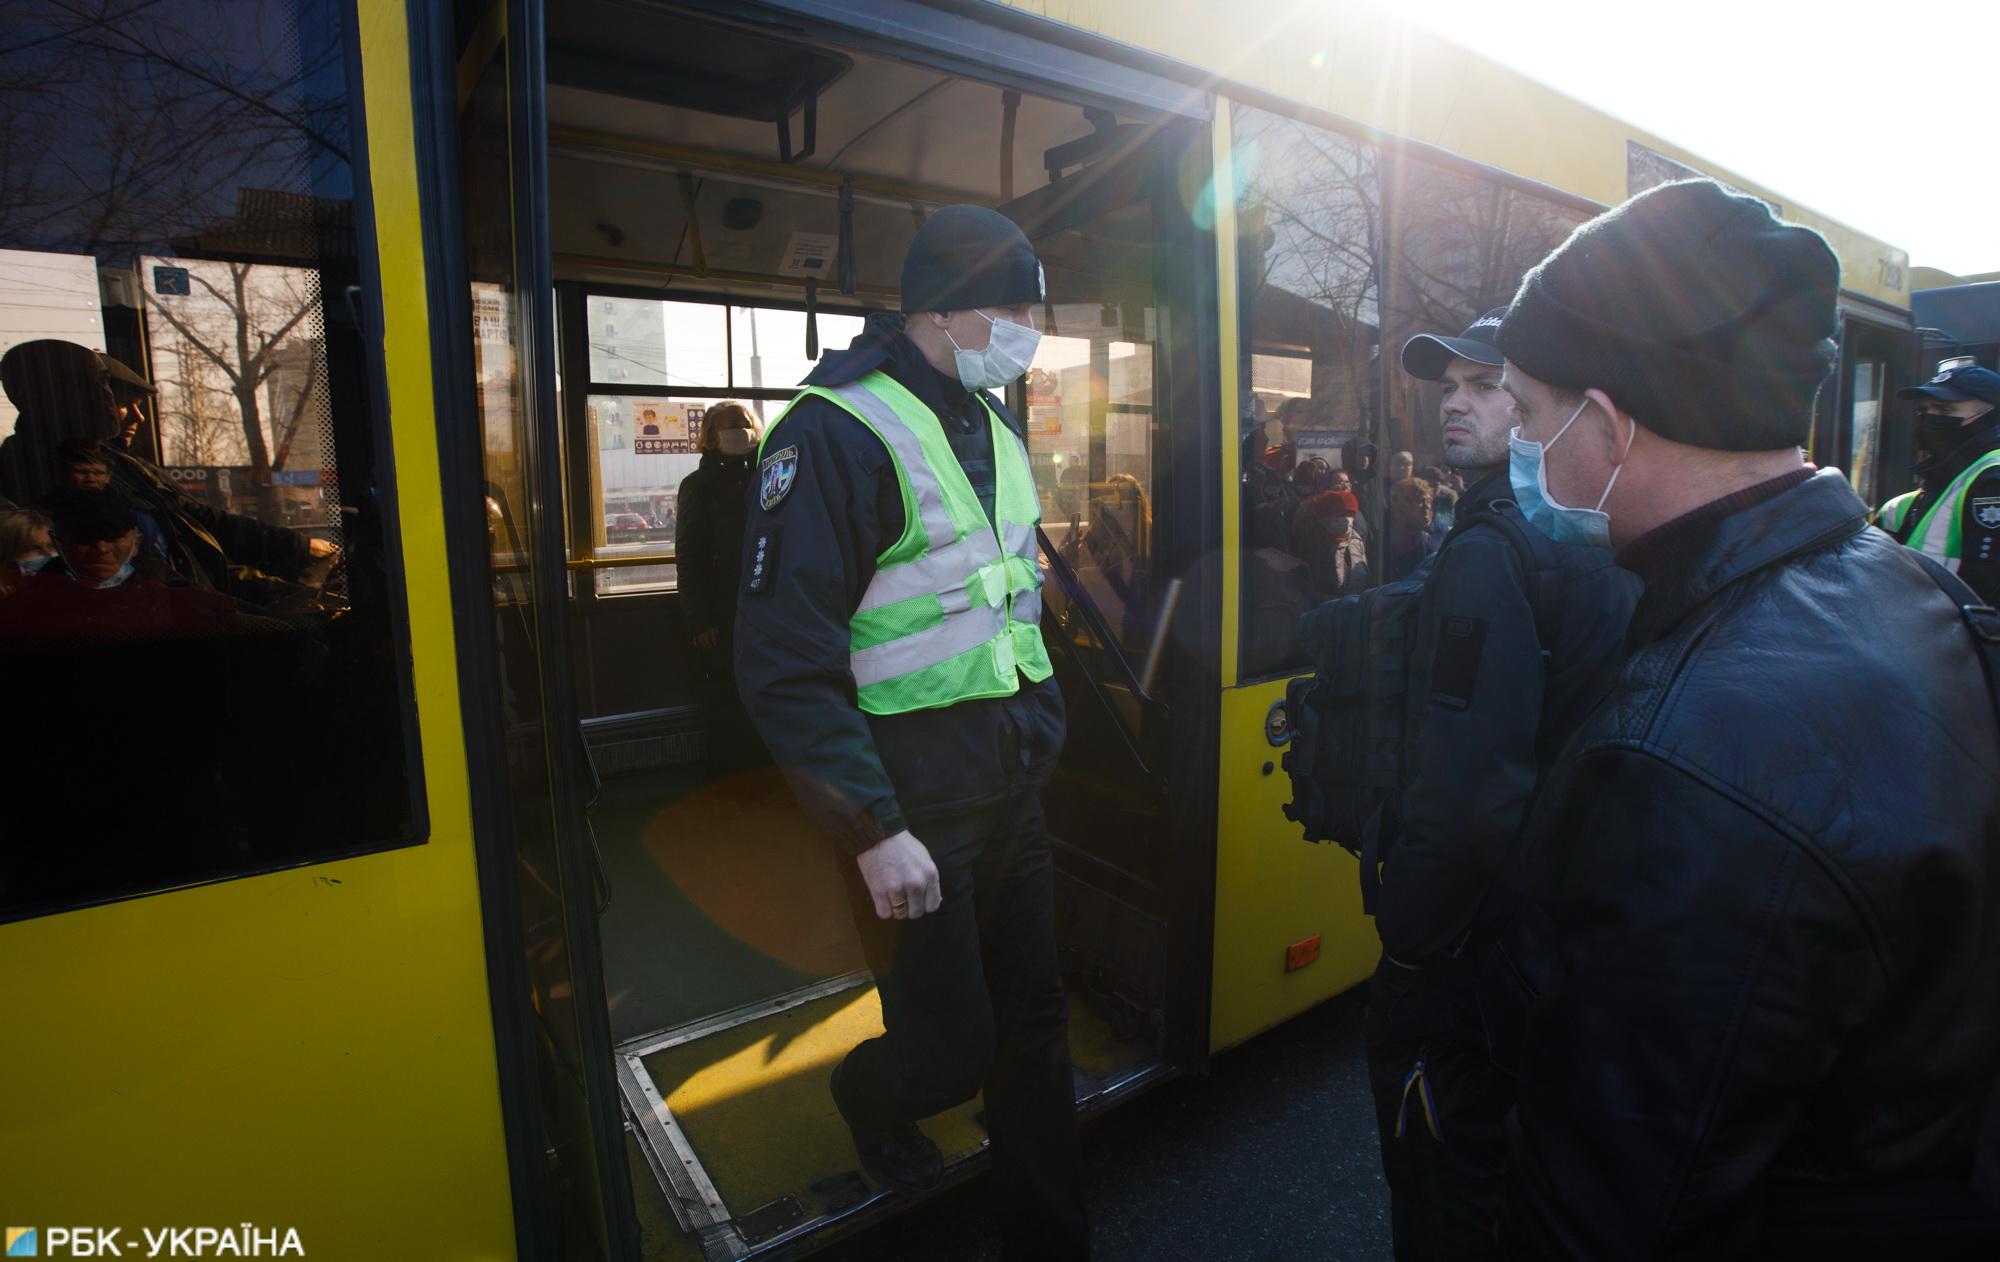 На усмотрение судей. Почему в Украине мало штрафов за нарушение карантина